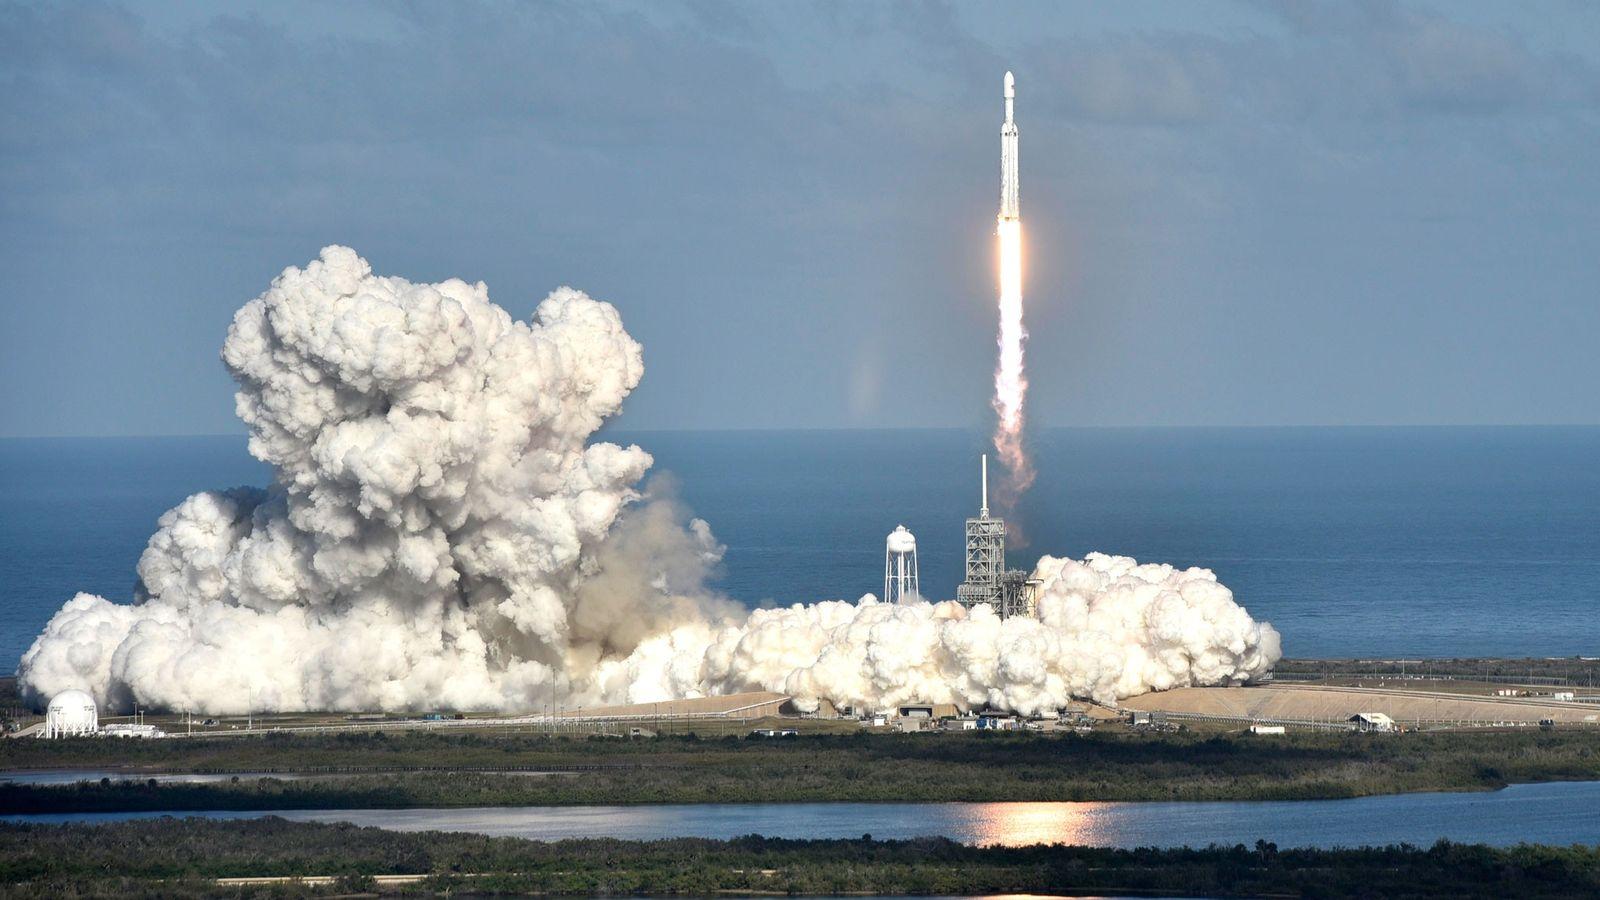 Am 6. Februar 2018 startete SpaceX zum ersten Mal erfolgreich die neue Falcon Heavy. Die Rakete ...